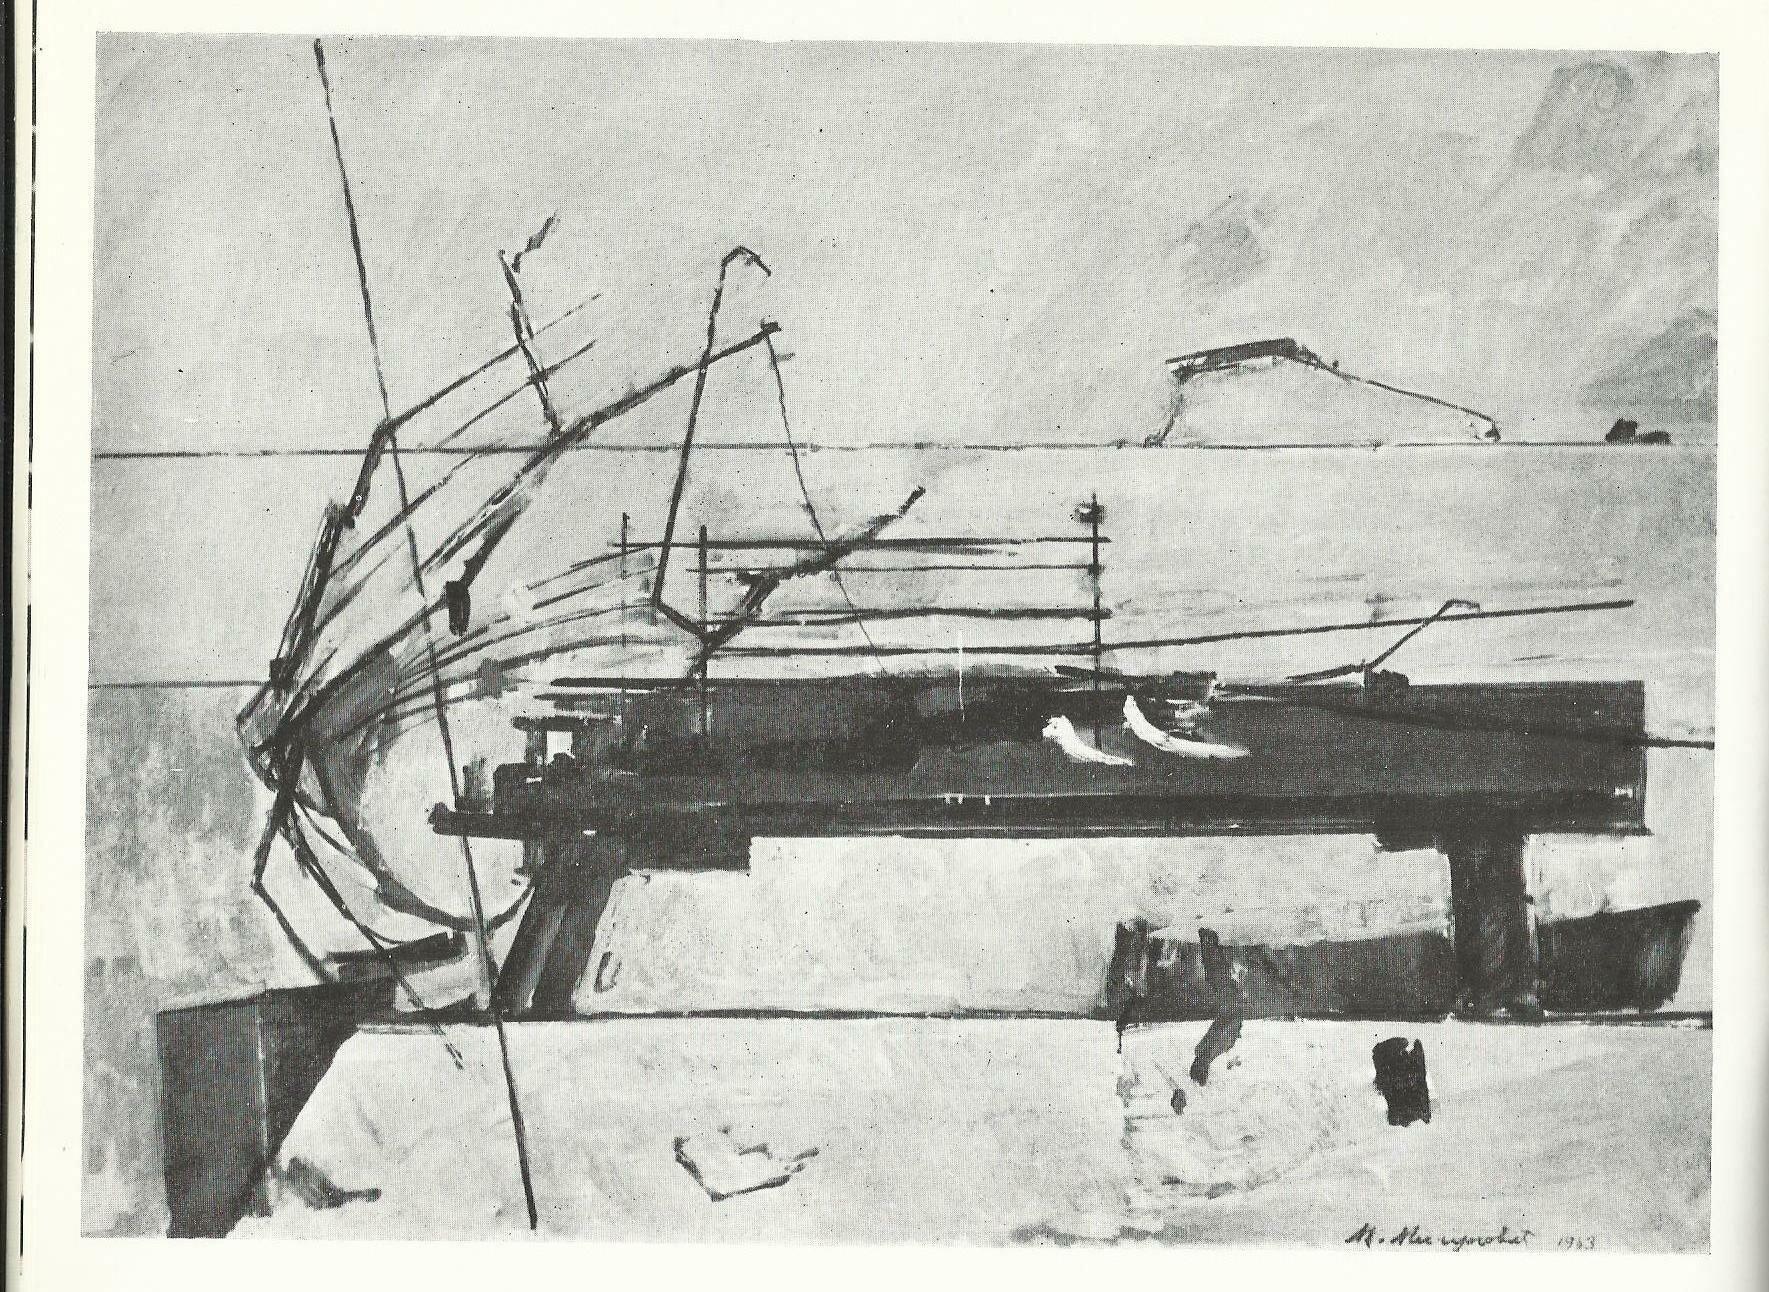 Milunovi-ç, Nedelja, ulje (1964)